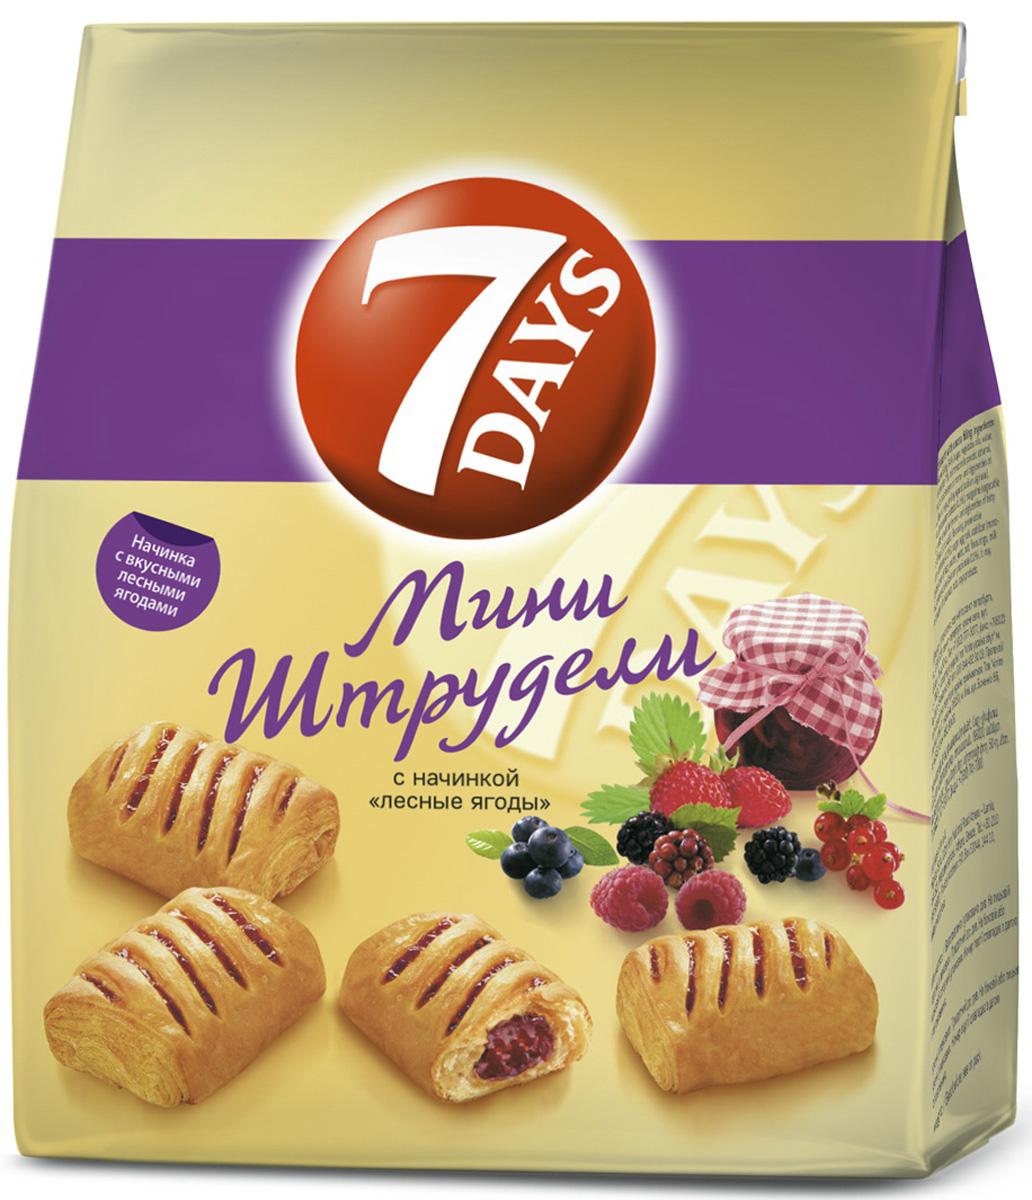 Мини Штрудели 7DAYS - это дуэт воздушного слоеного теста и нежной джемовой начинки с кусочками фруктов или насыщенного крема Какао.